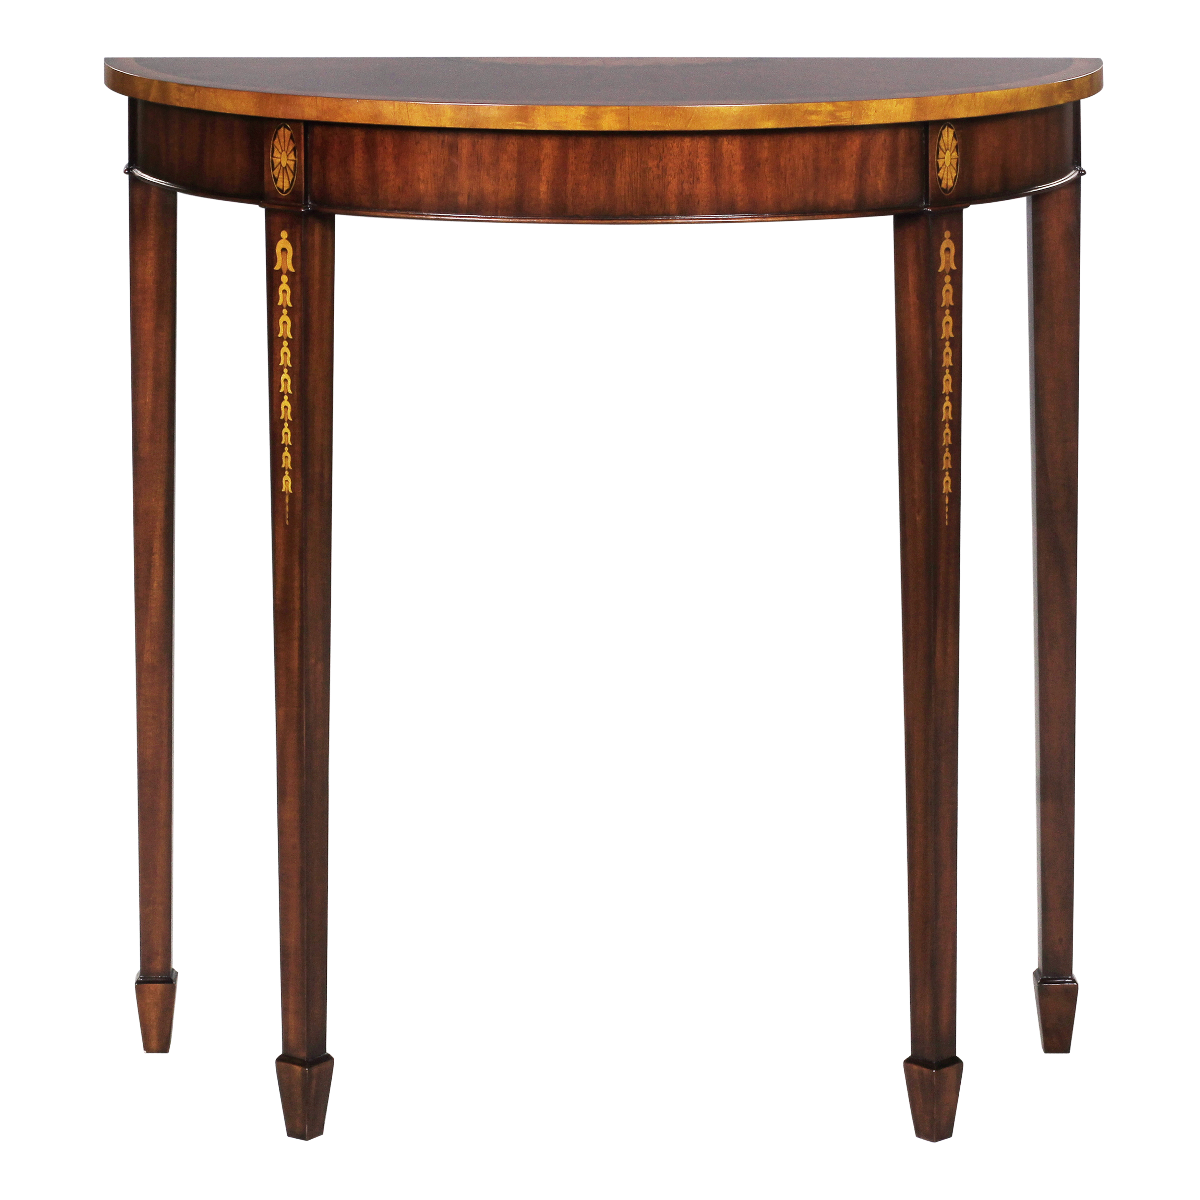 33301 - hepplewhite hall table em sfd1 1